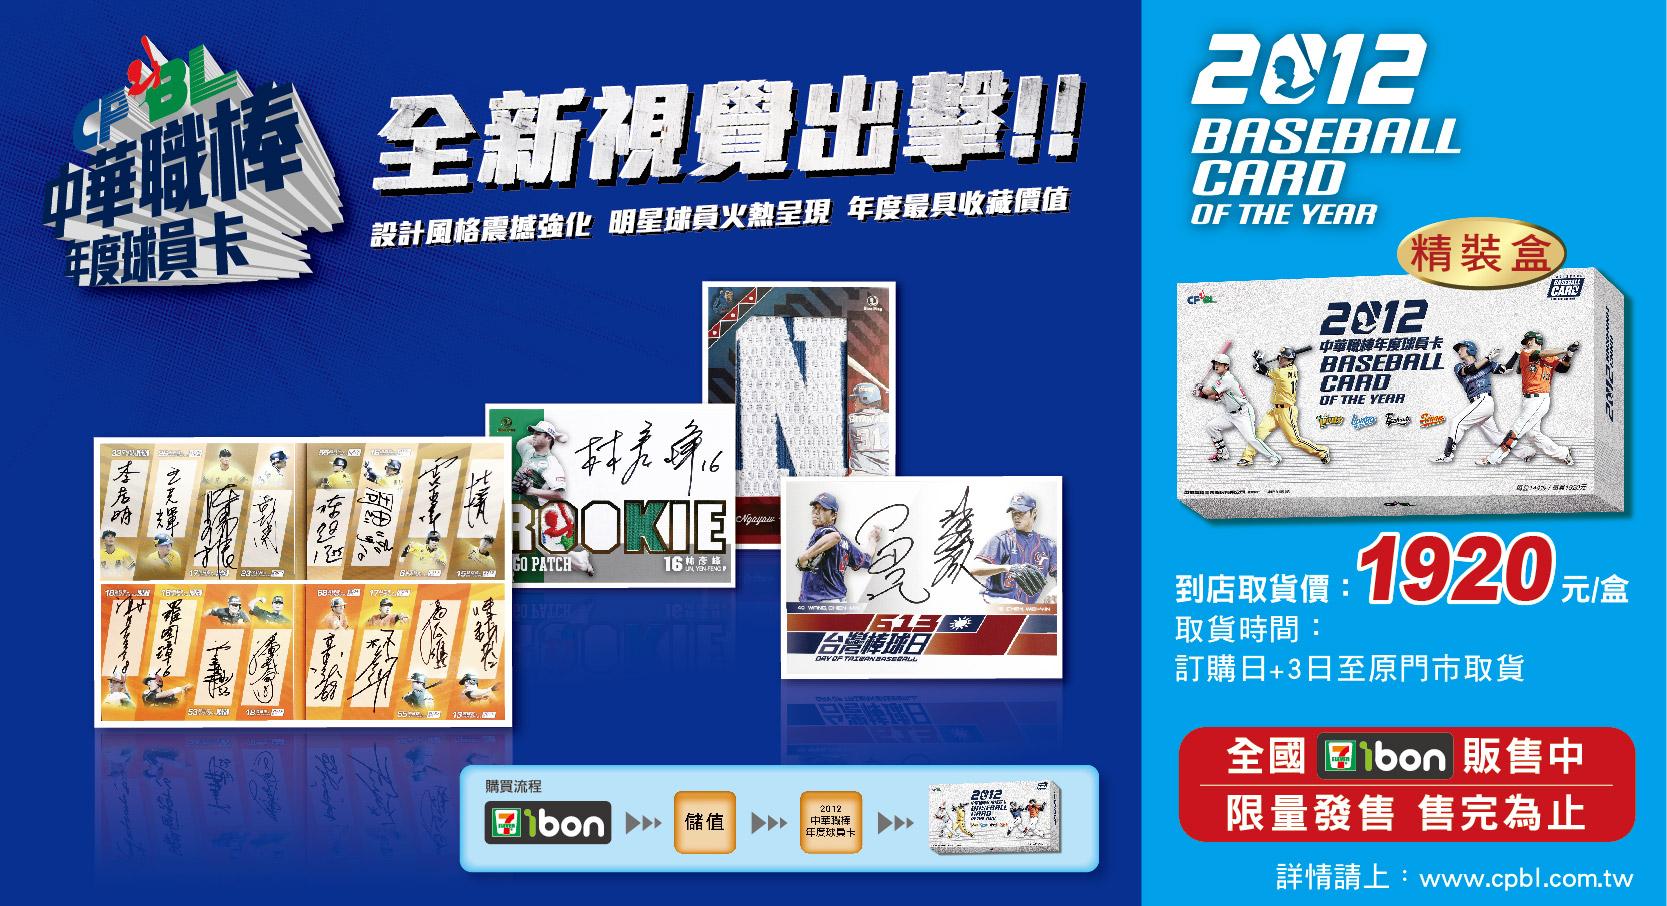 2012中華職棒-螢幕稿A-5(1126)